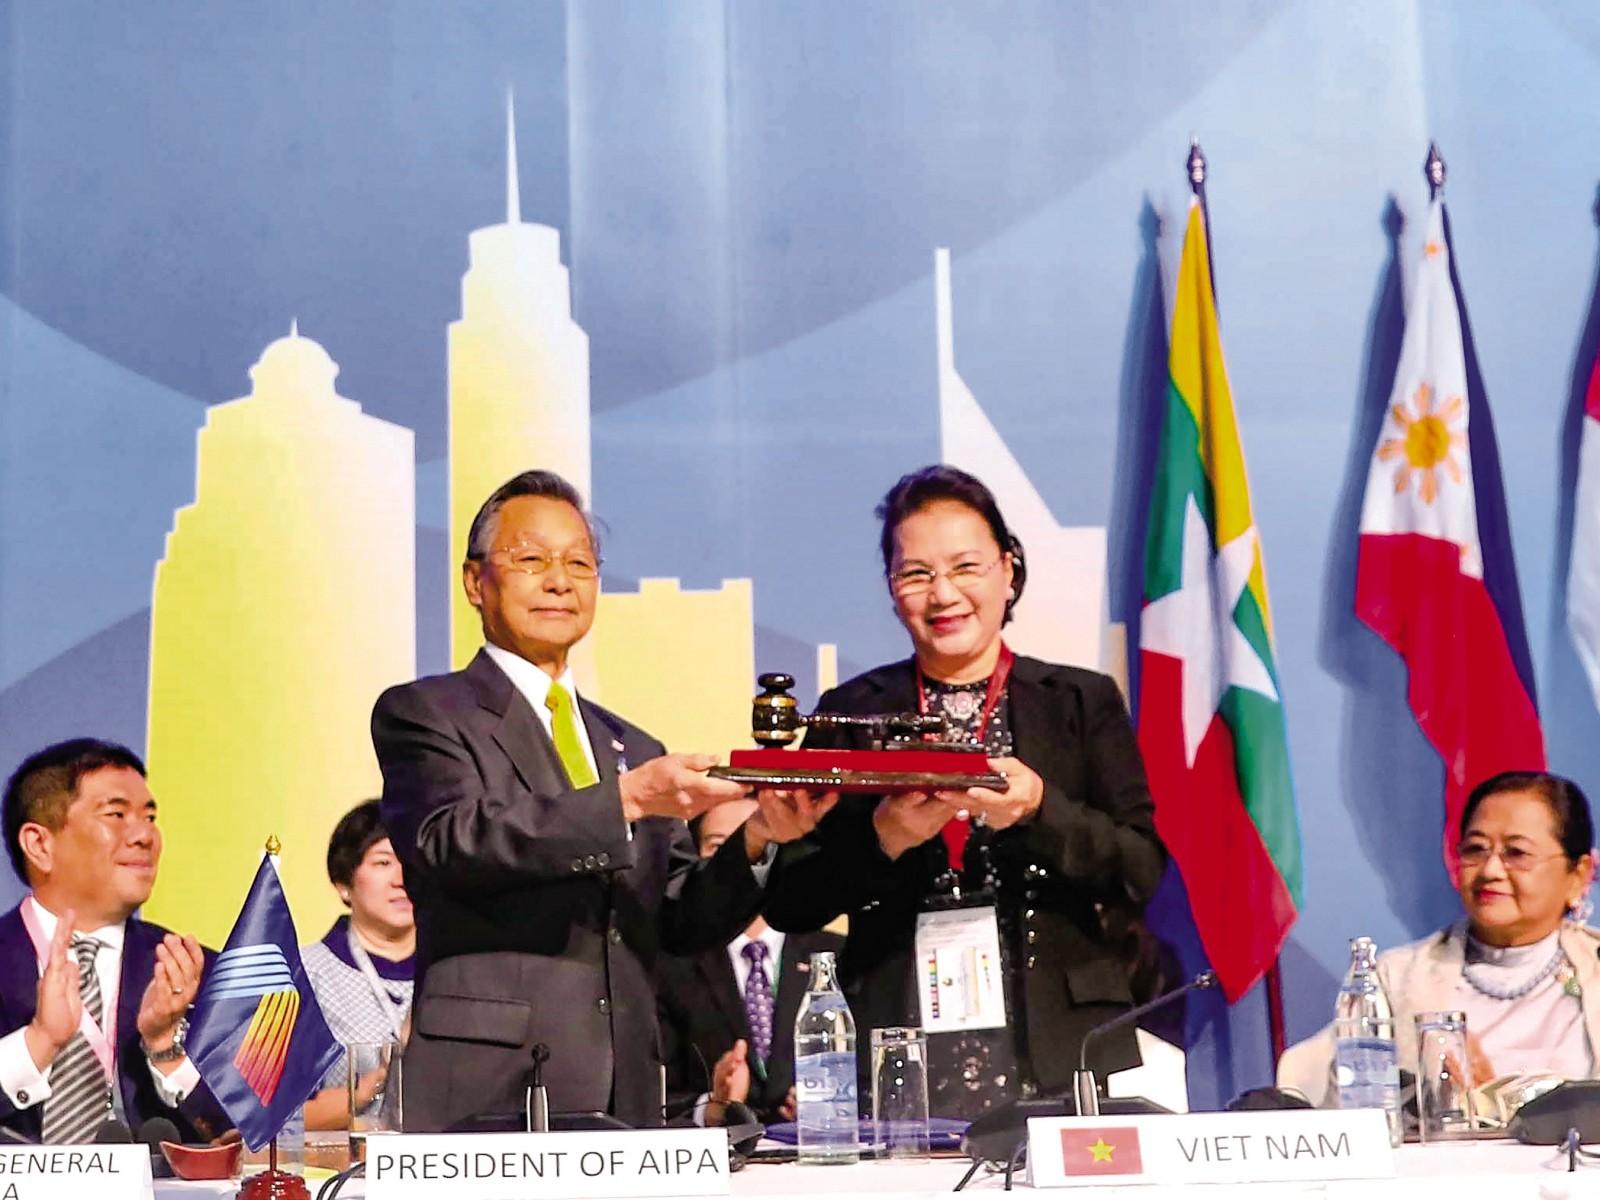 Ông Chuan Leekpai, Chủ tịch Hạ viện Vương quốc Thái Lan, Chủ tịch AIPA 40, trao búa danh dự của AIPA cho Chủ tịch Quốc hội Nguyễn Thị Kim Ngân. Ảnh: TRỌNG ĐỨC (TTXVN)